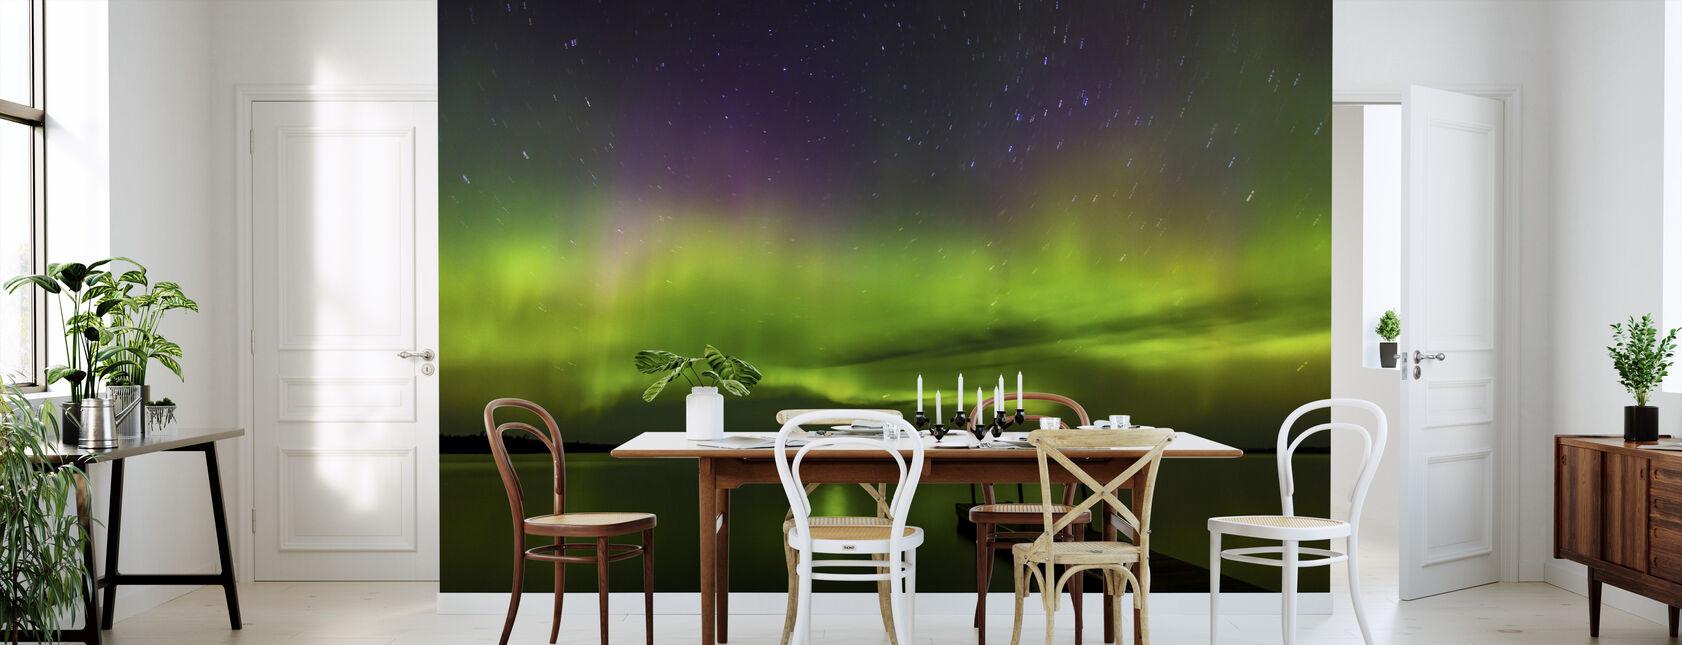 Aurora Borealis yli Burntside järven - Tapetti - Keittiö